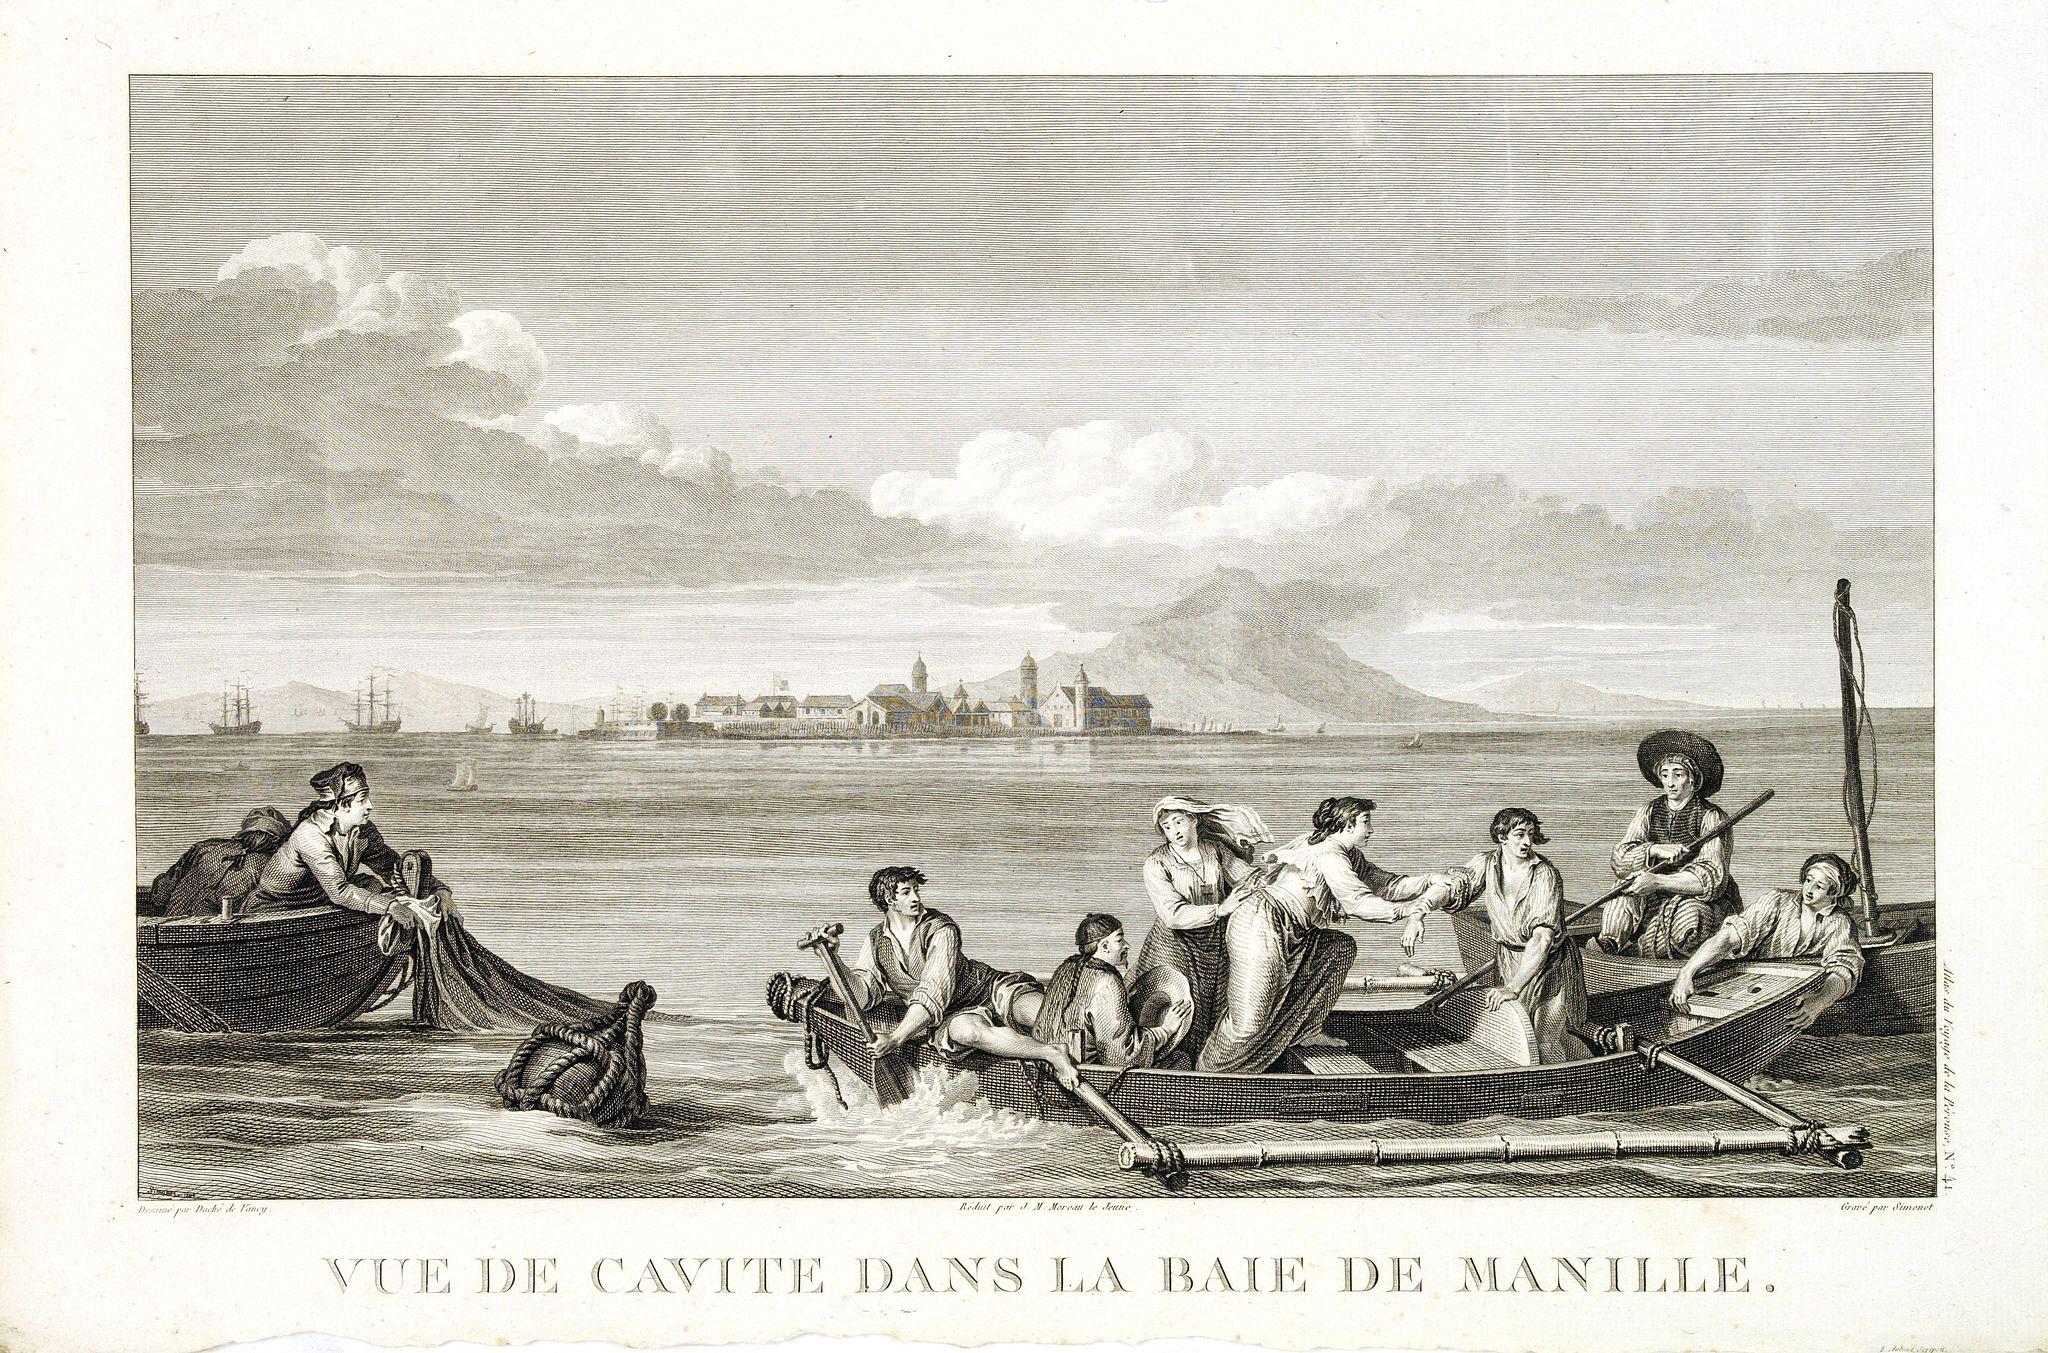 LA PEROUSE, J. F. G. -  Vue de cavite dans la Baie de Manille.